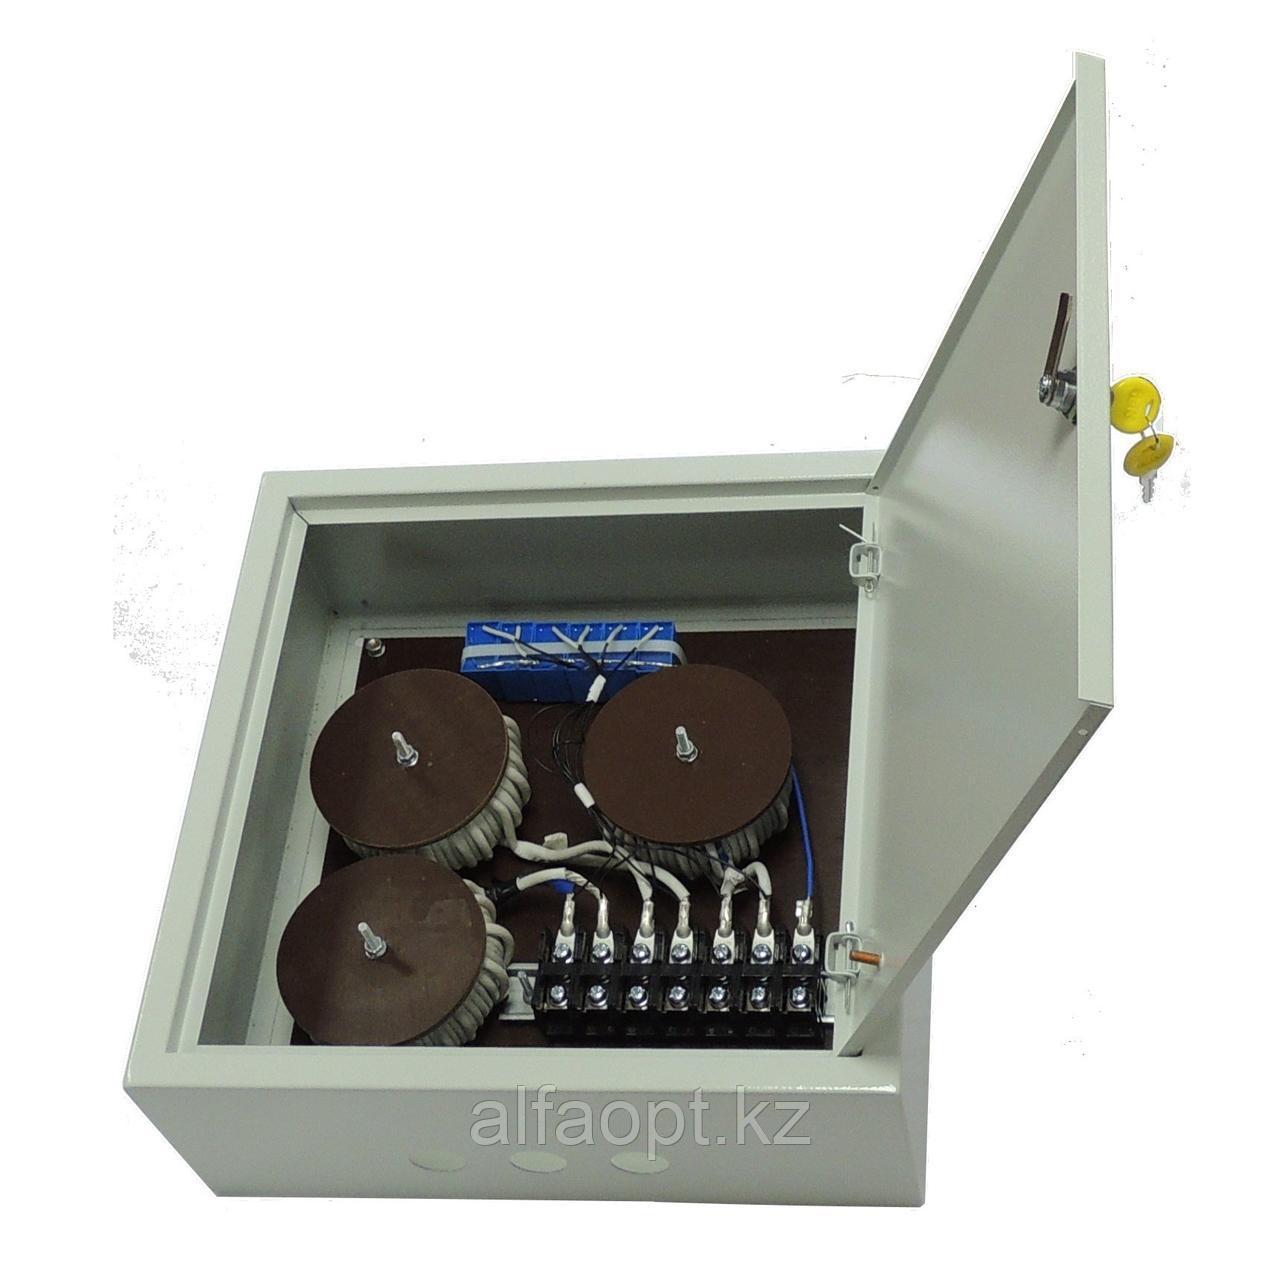 Фильтр сетевой Матрица трехфазный NF 33-50